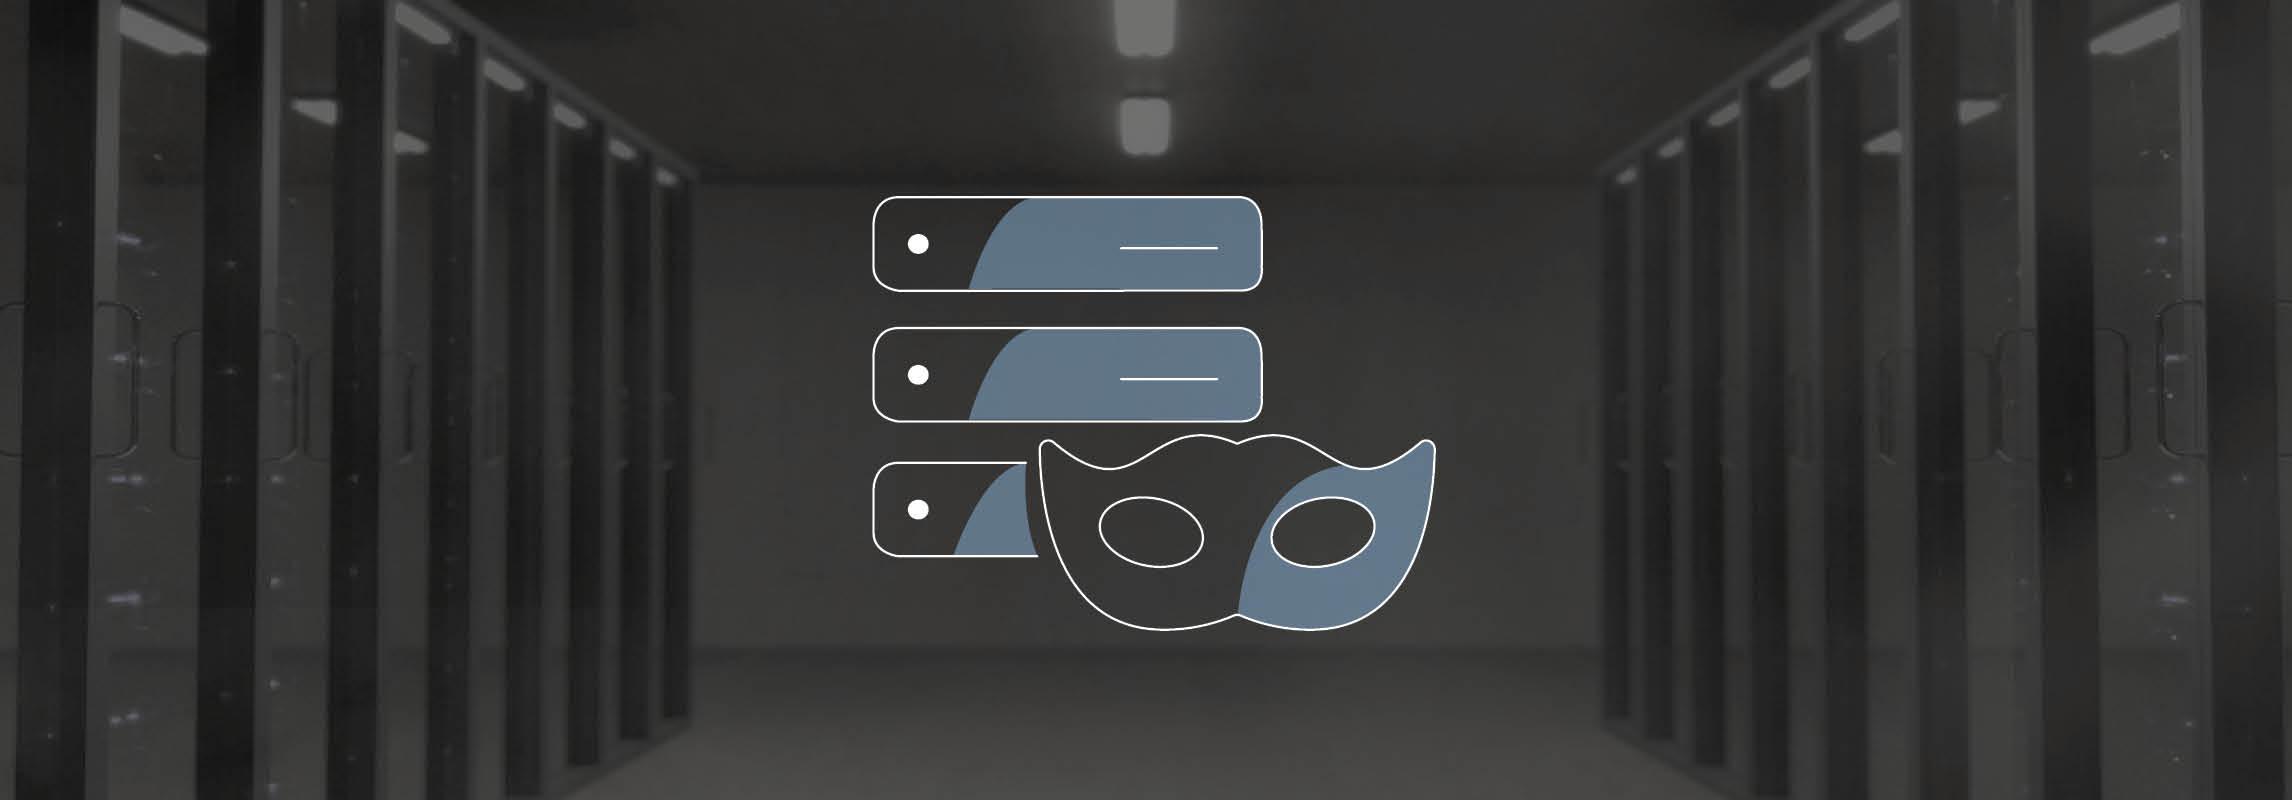 Anonymisierungs-Icon auf Serverhintergrund